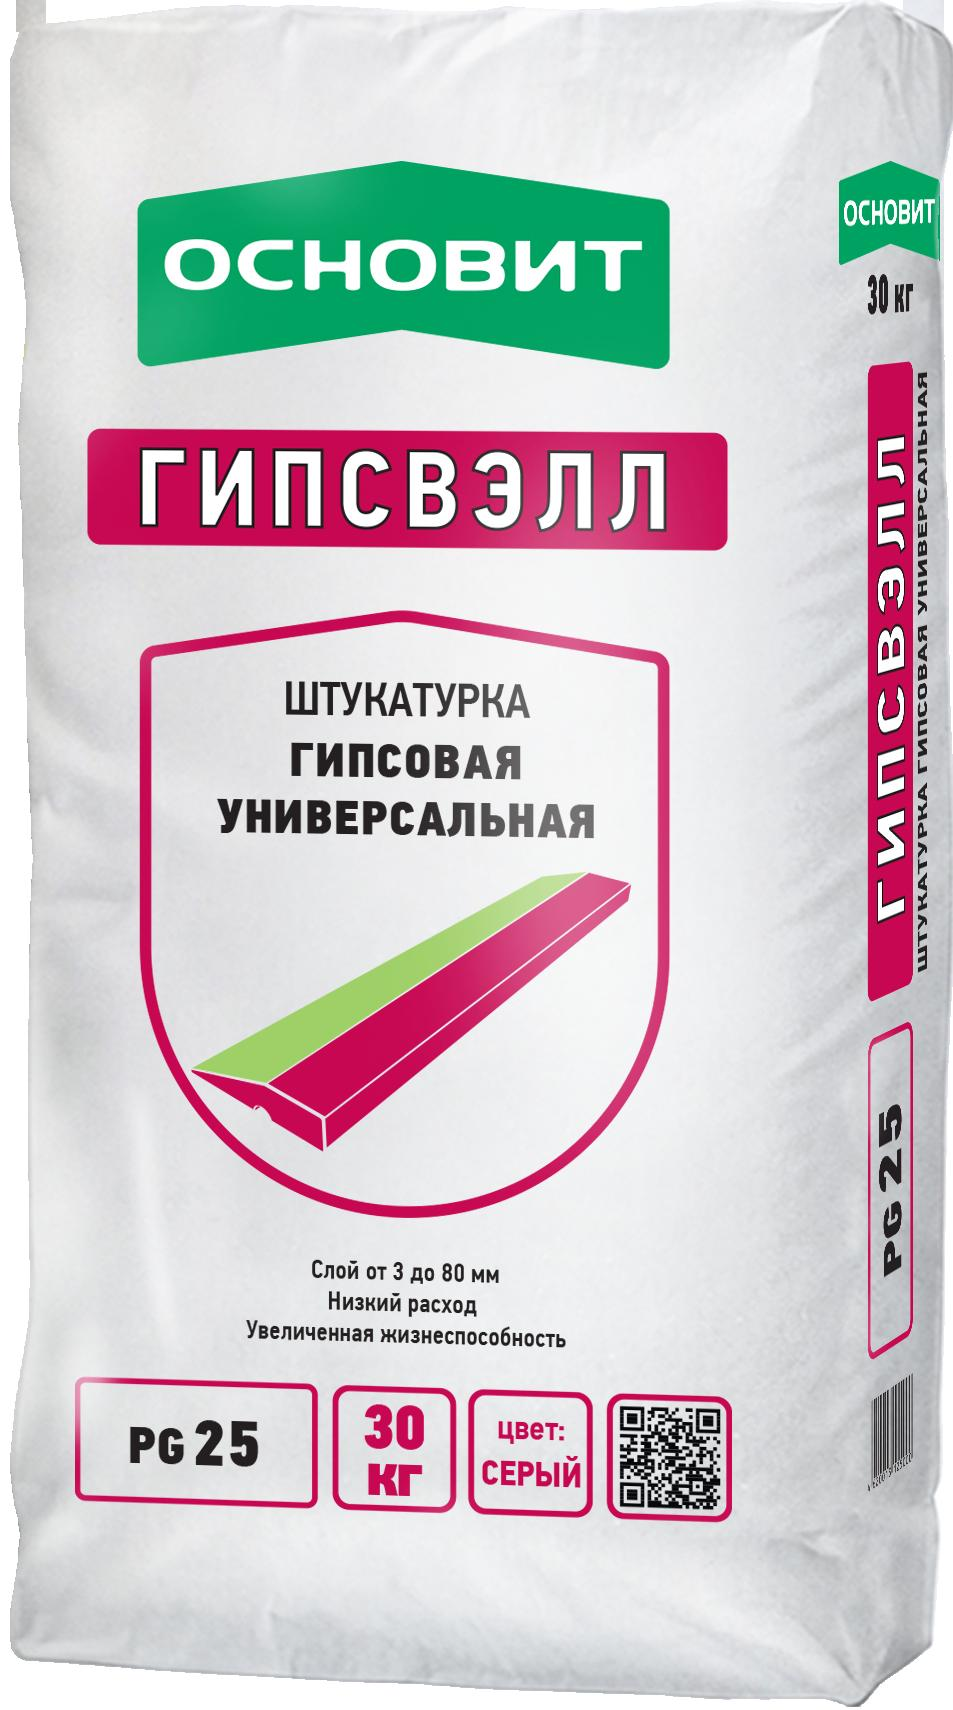 Основит PG25 Гипсвэлл серая (штукатурка гипсовая), 30кг